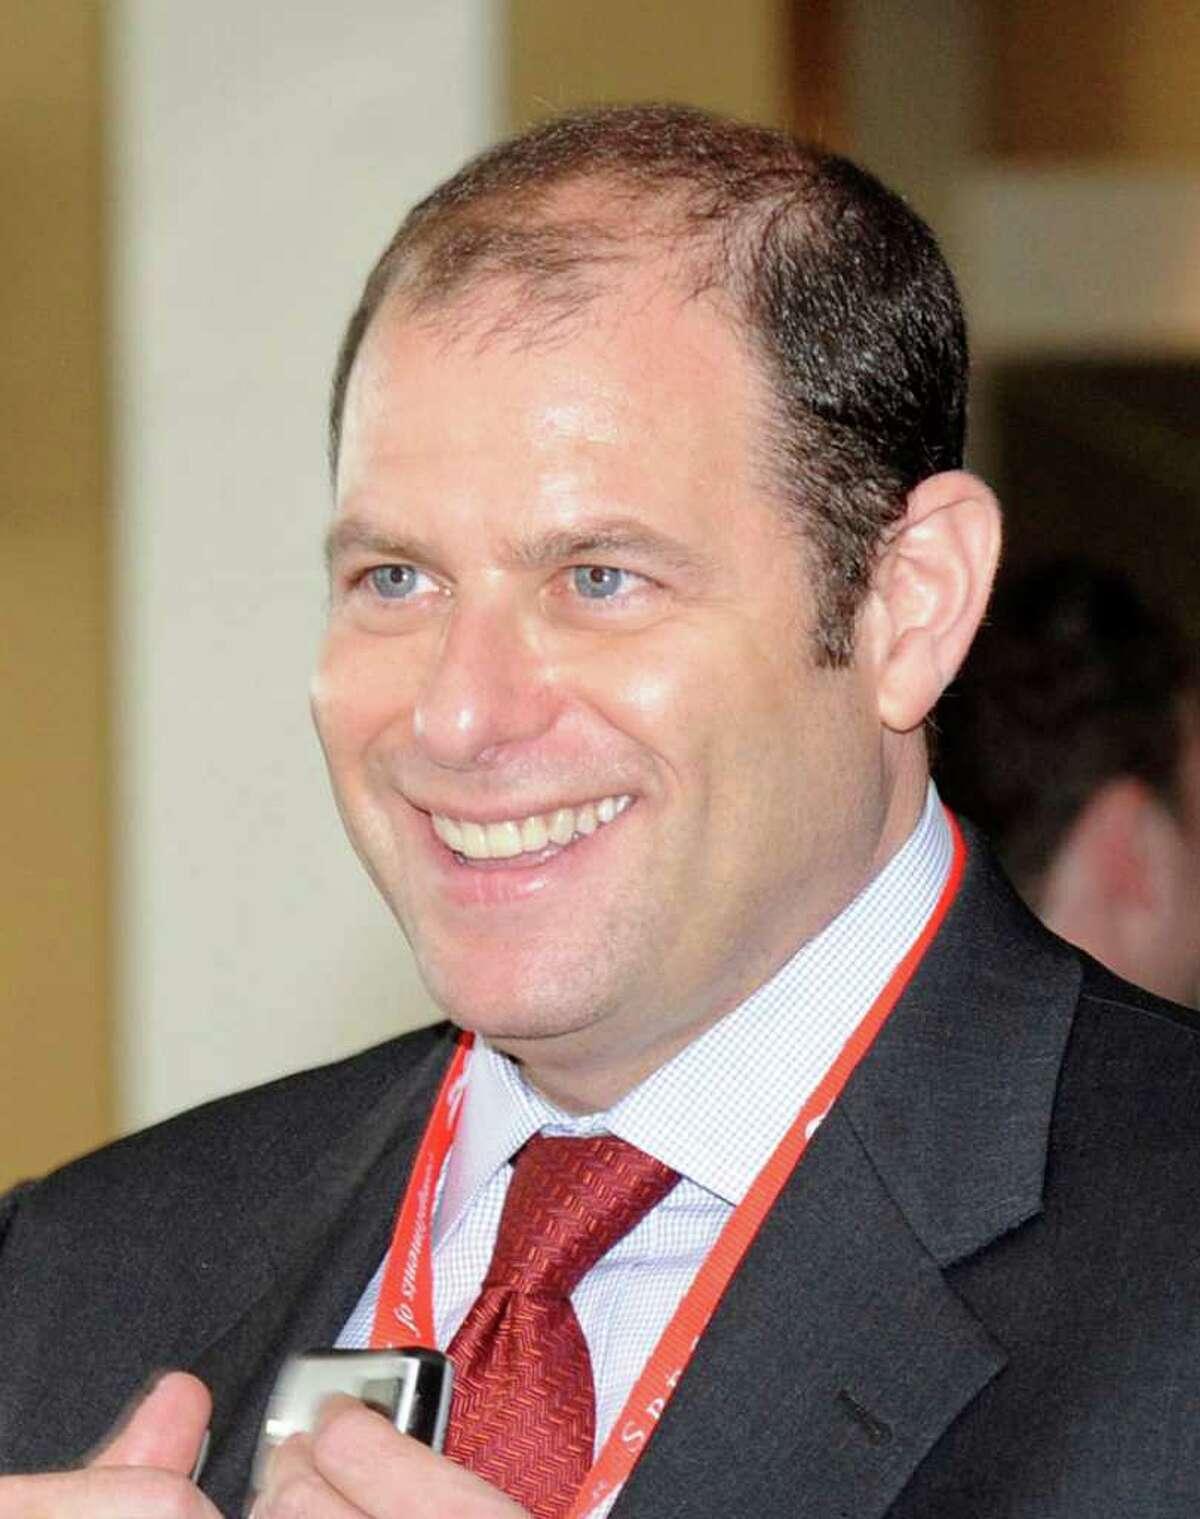 Ross Garber